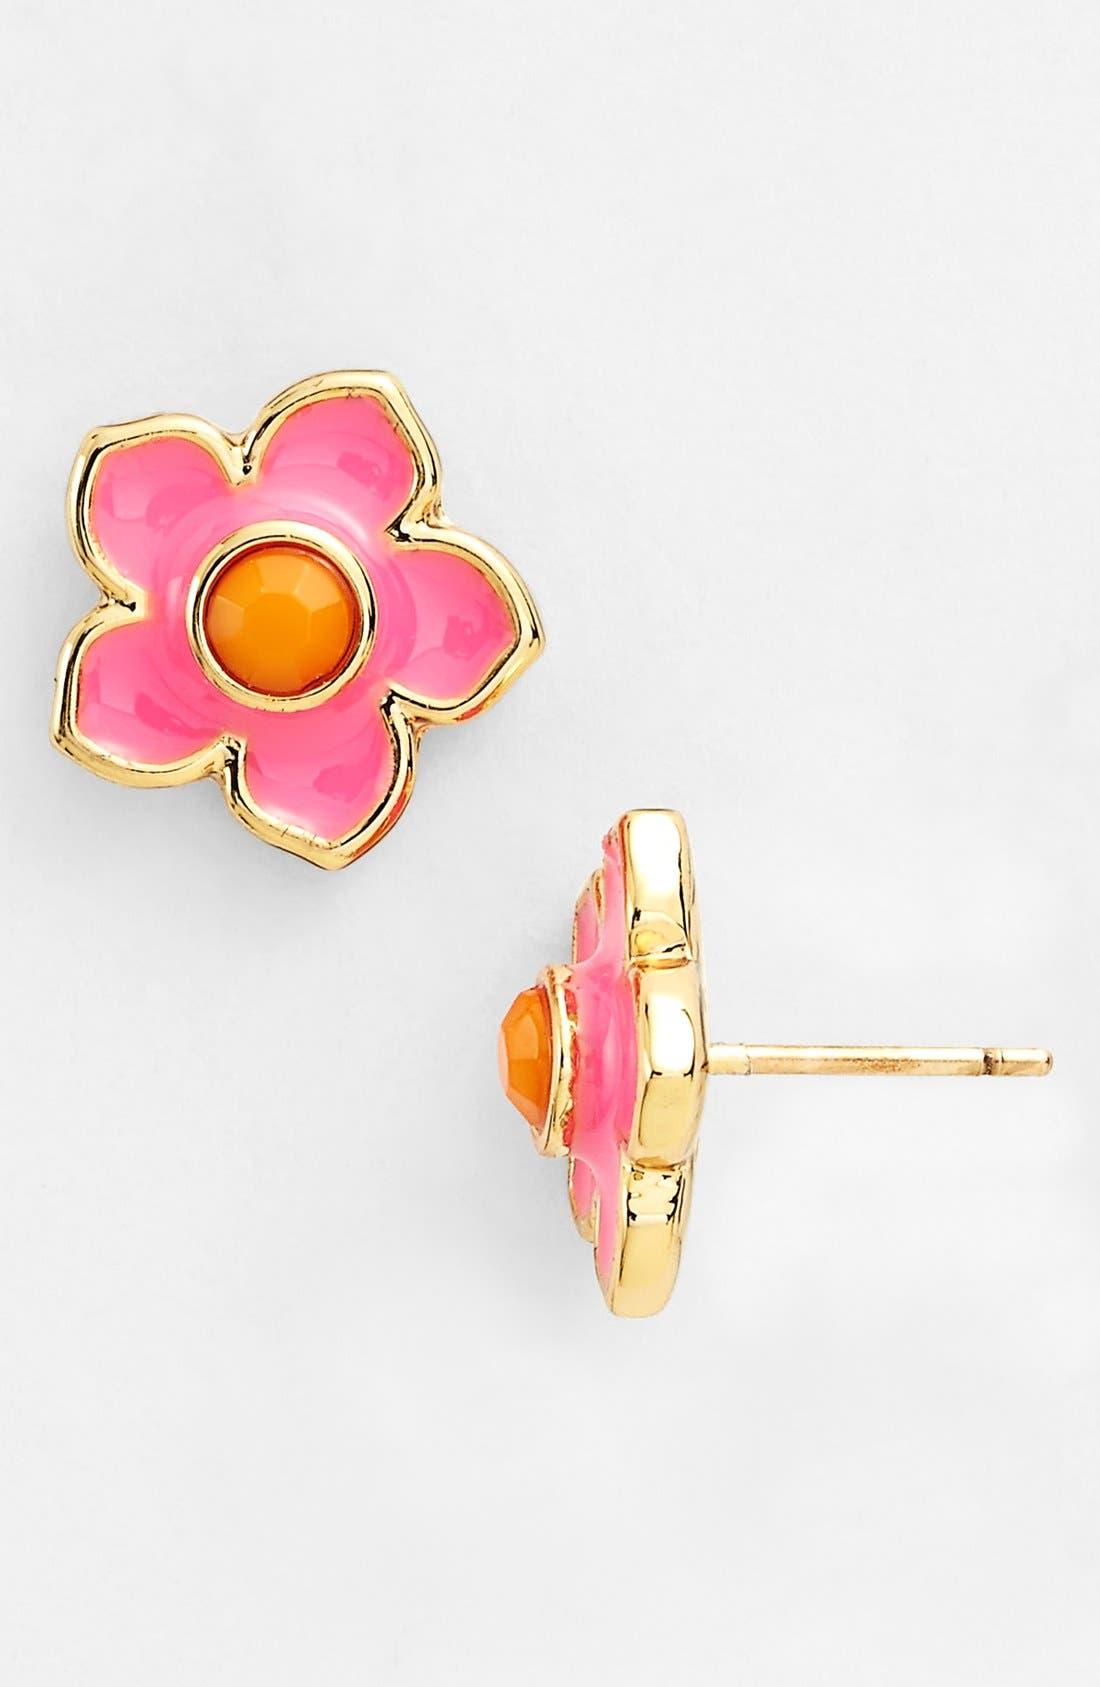 Alternate Image 1 Selected - kate spade new york 'tropical floral' enamel stud earrings